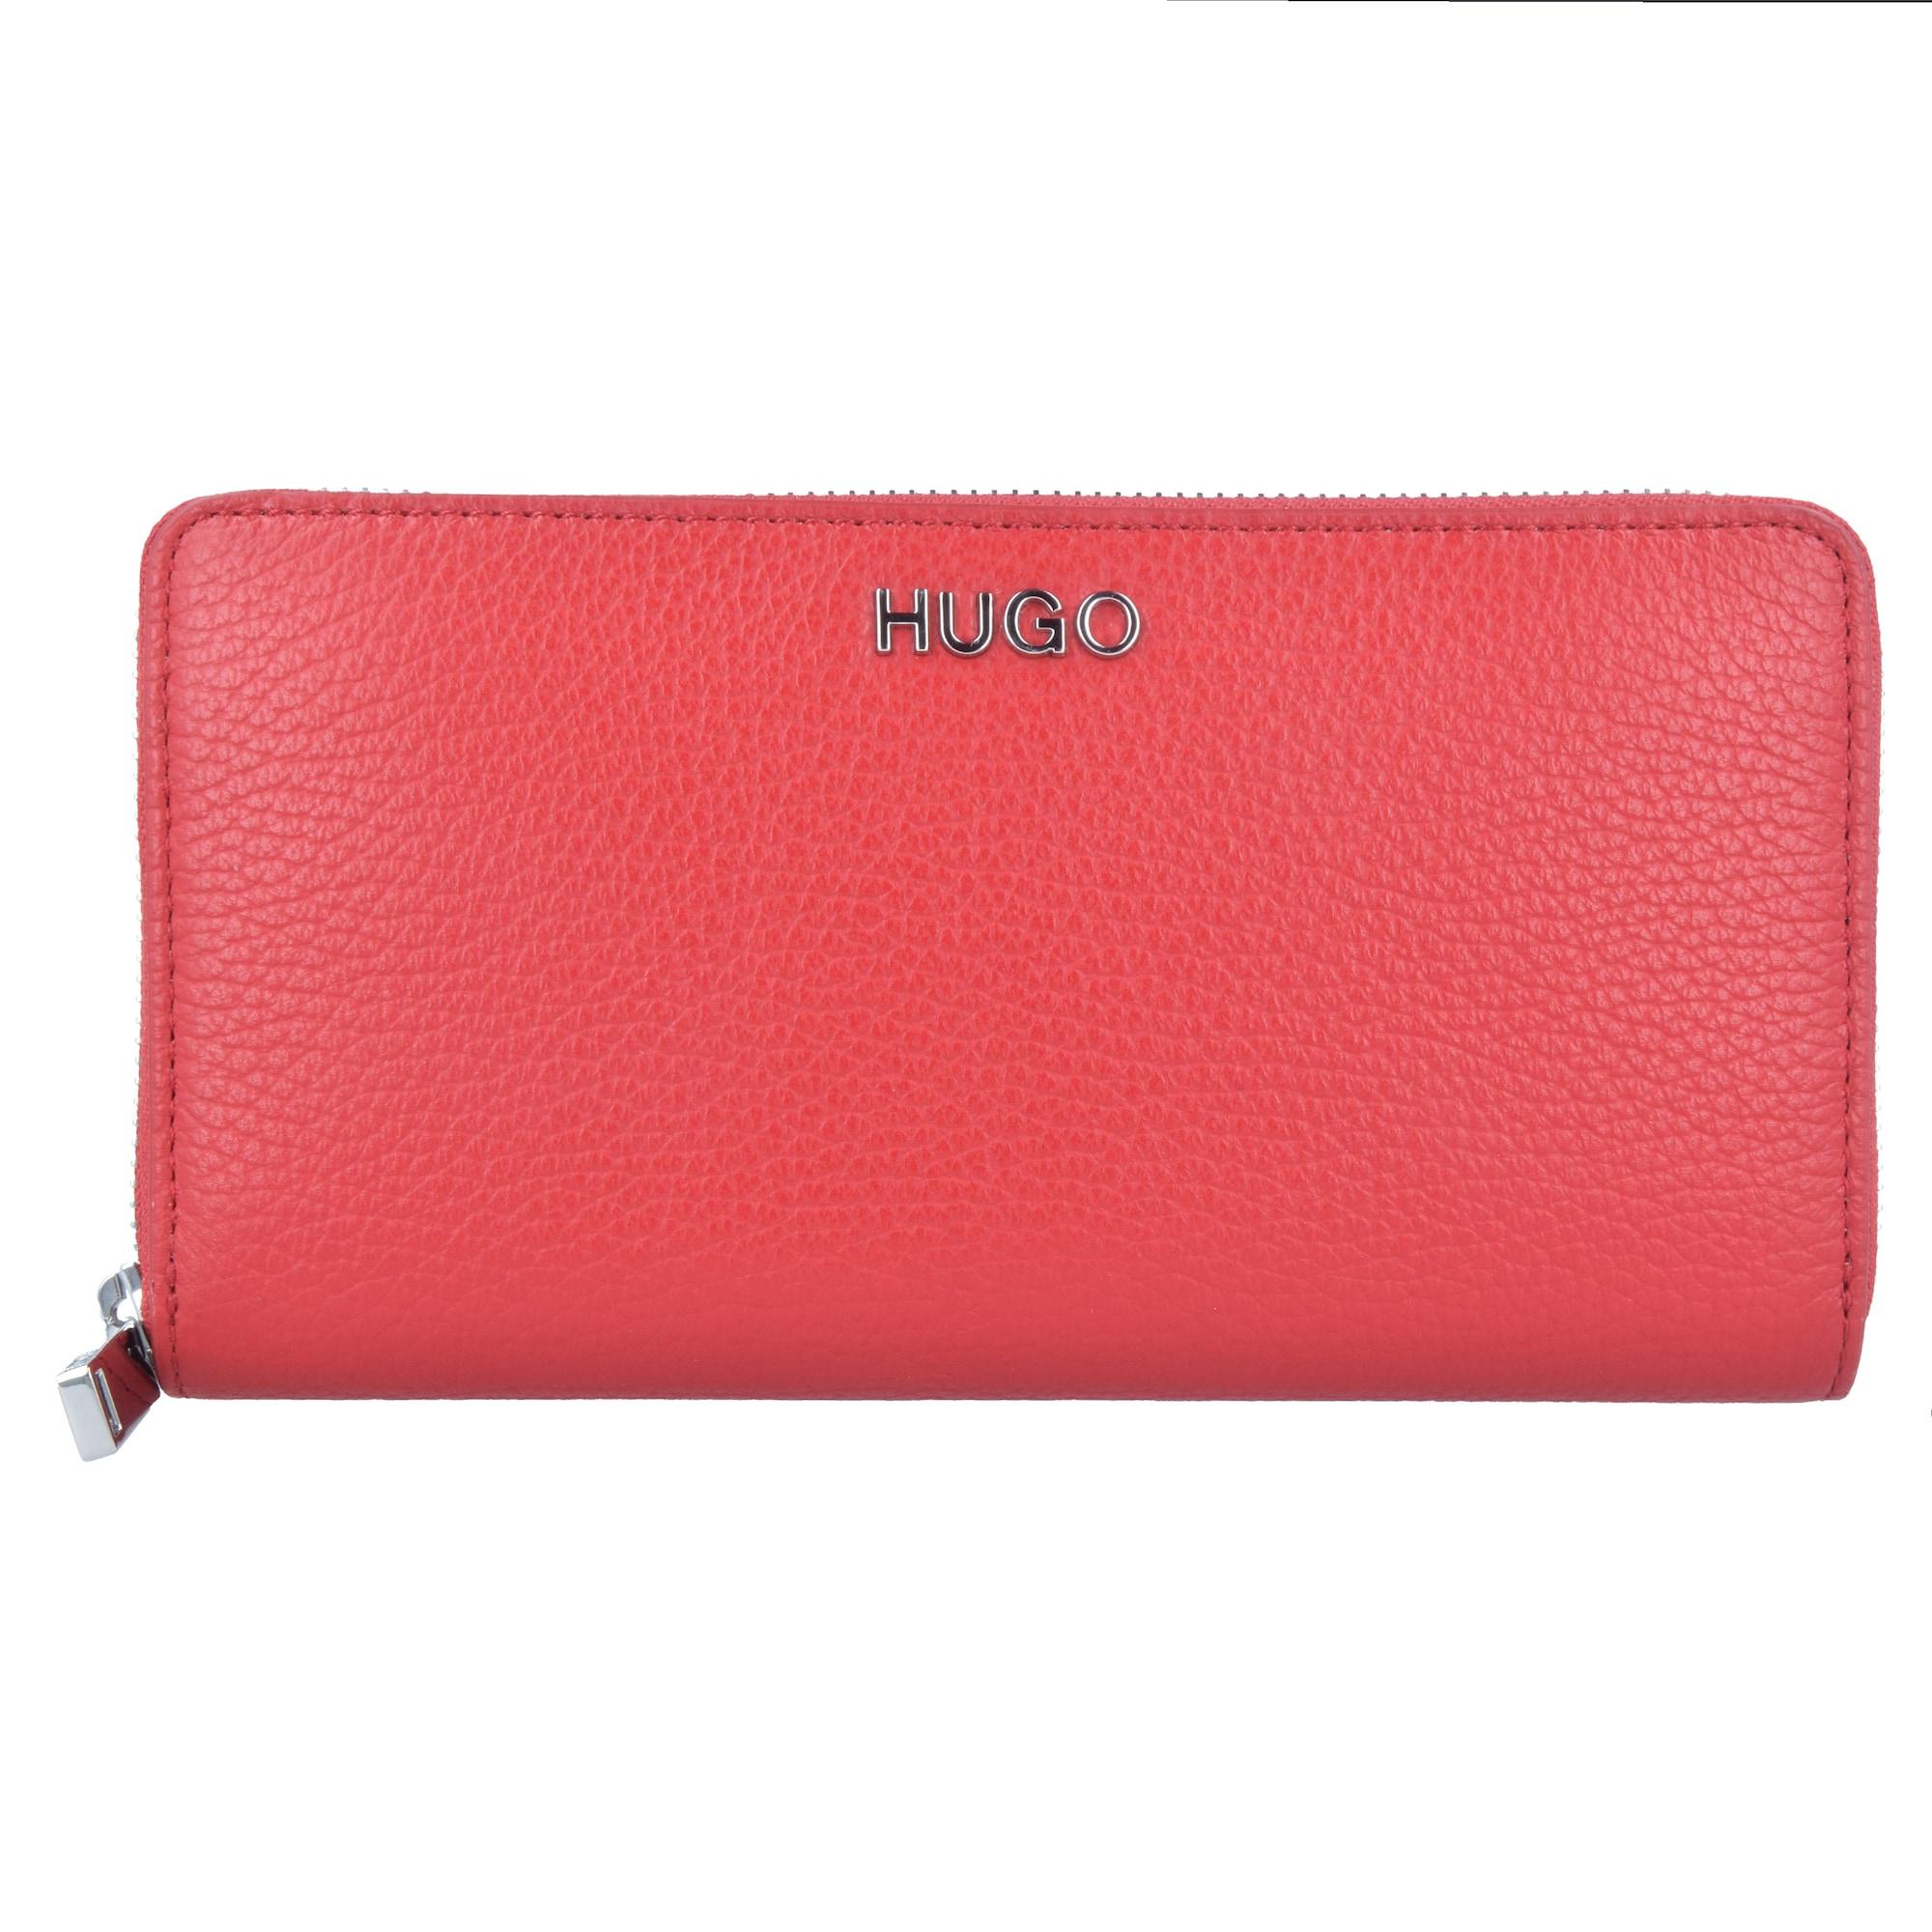 Peněženka Mayfair červená stříbrná HUGO